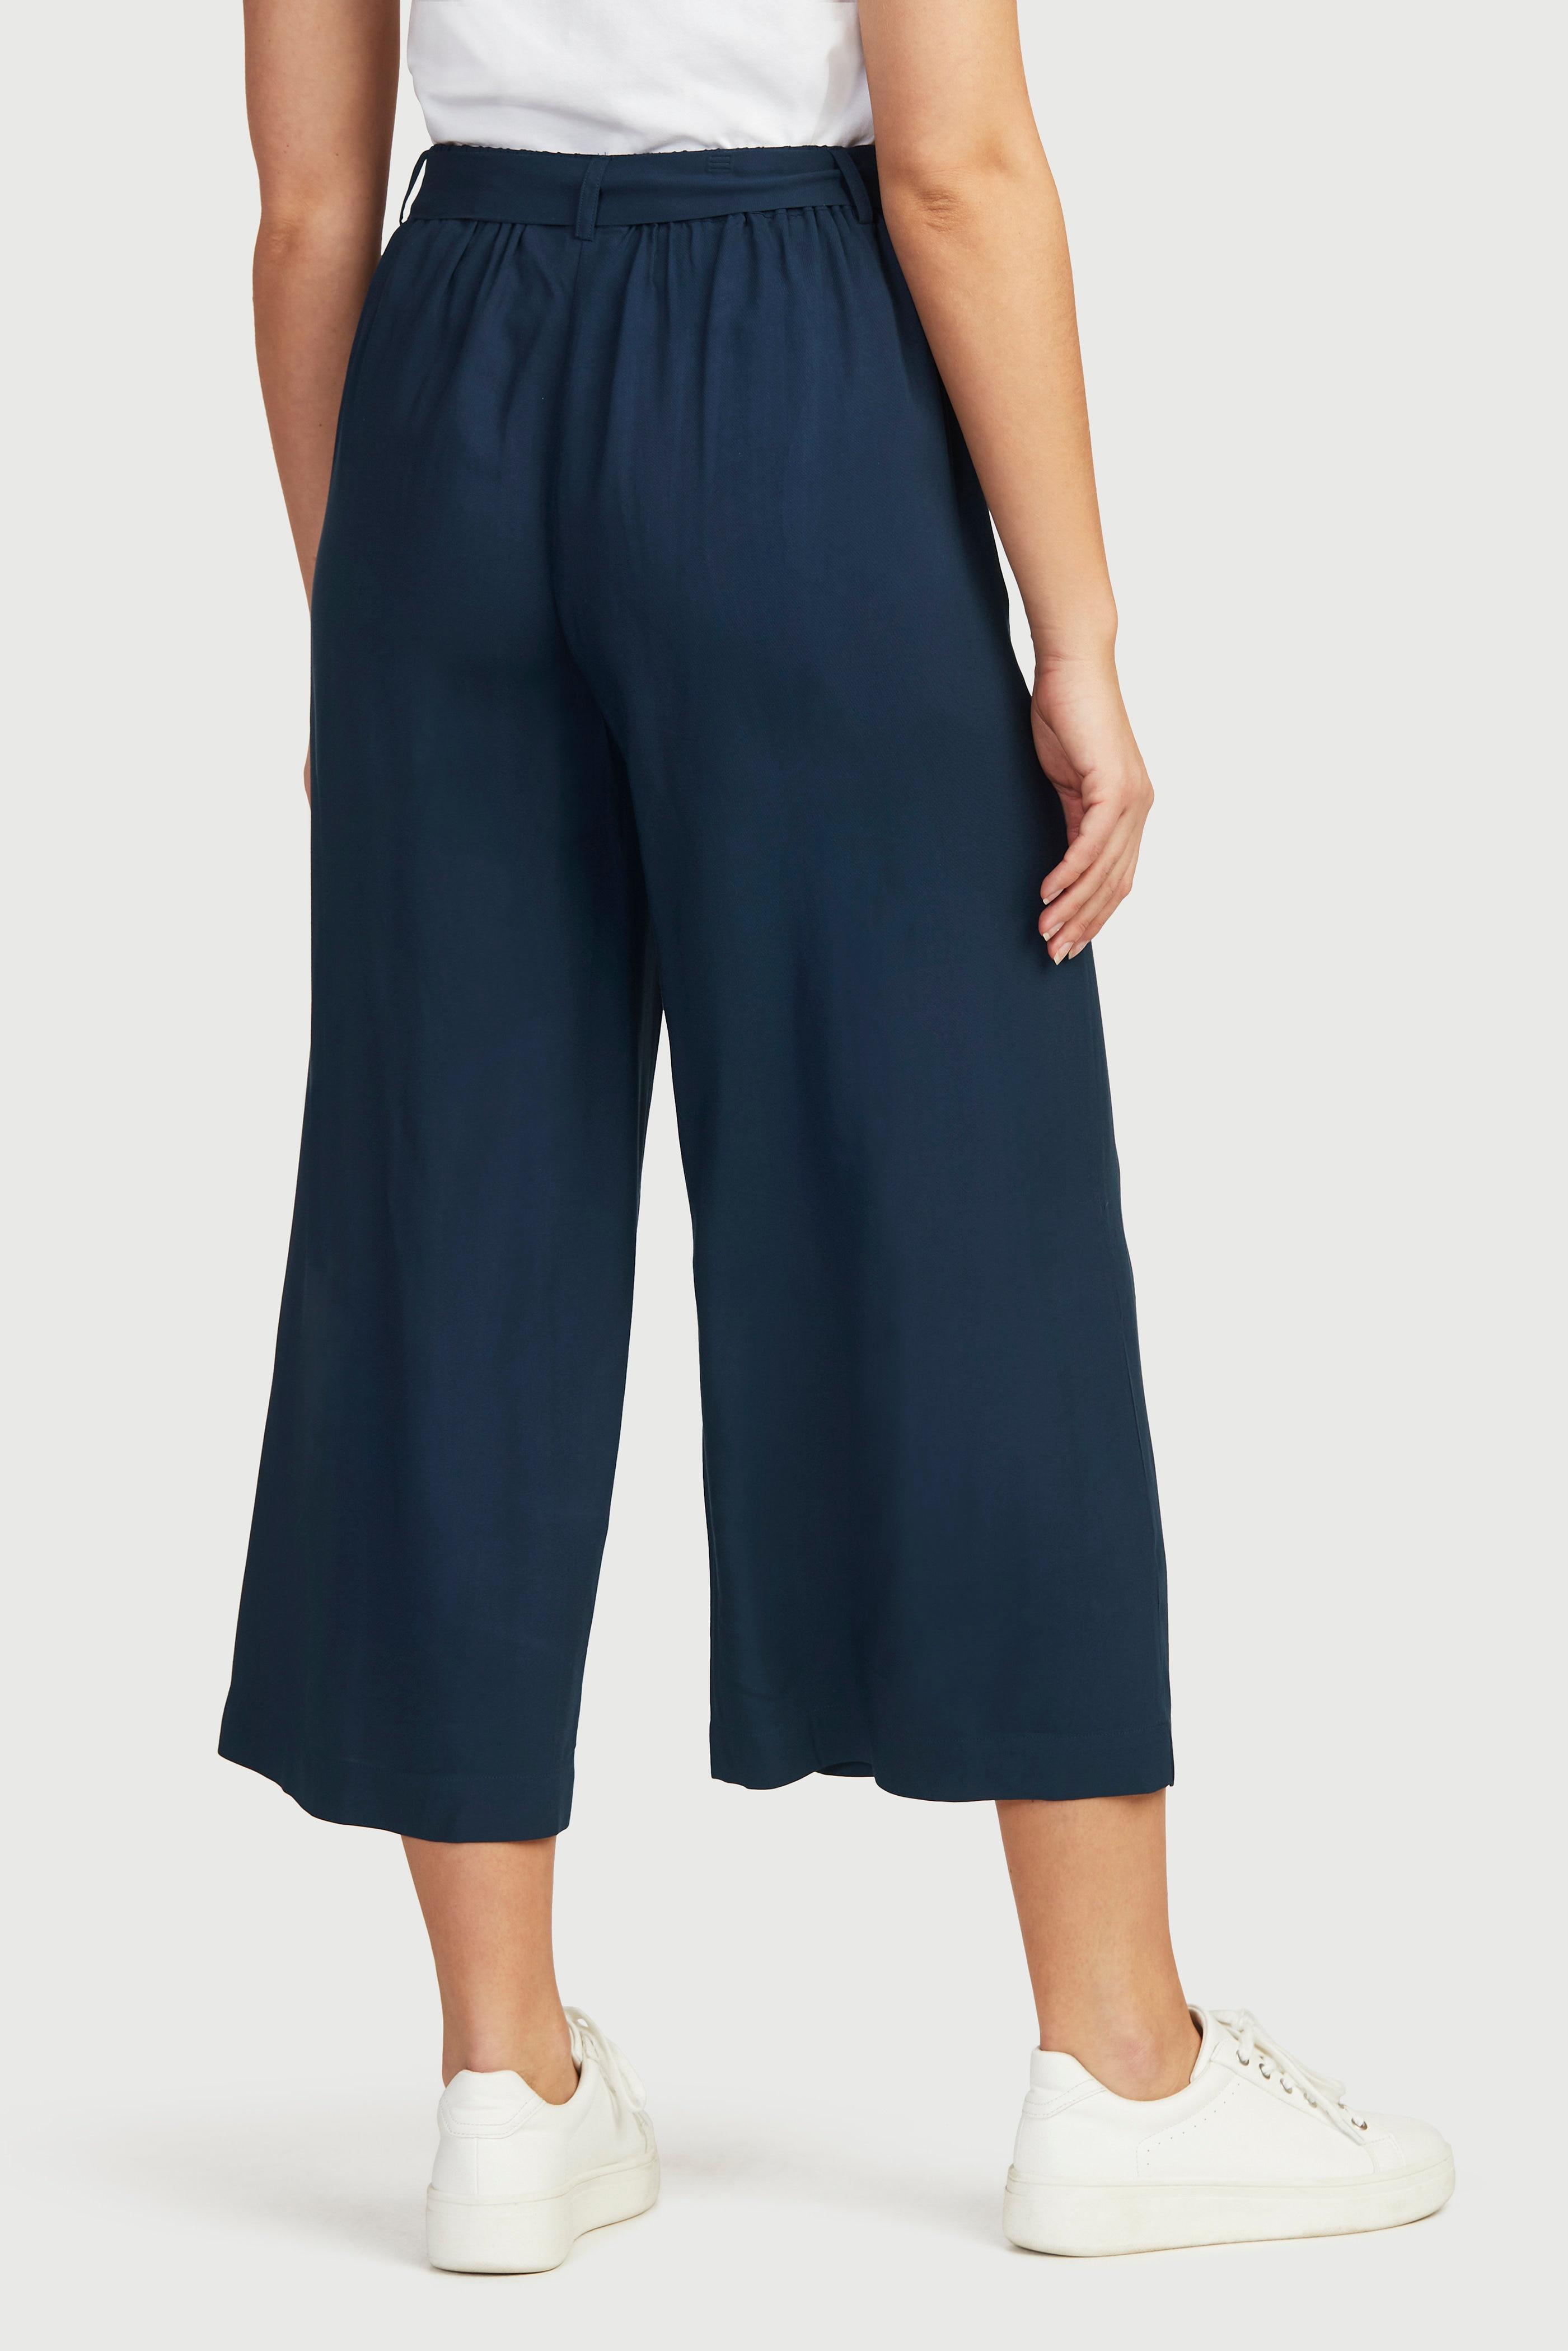 Culottebukse med vide ben.